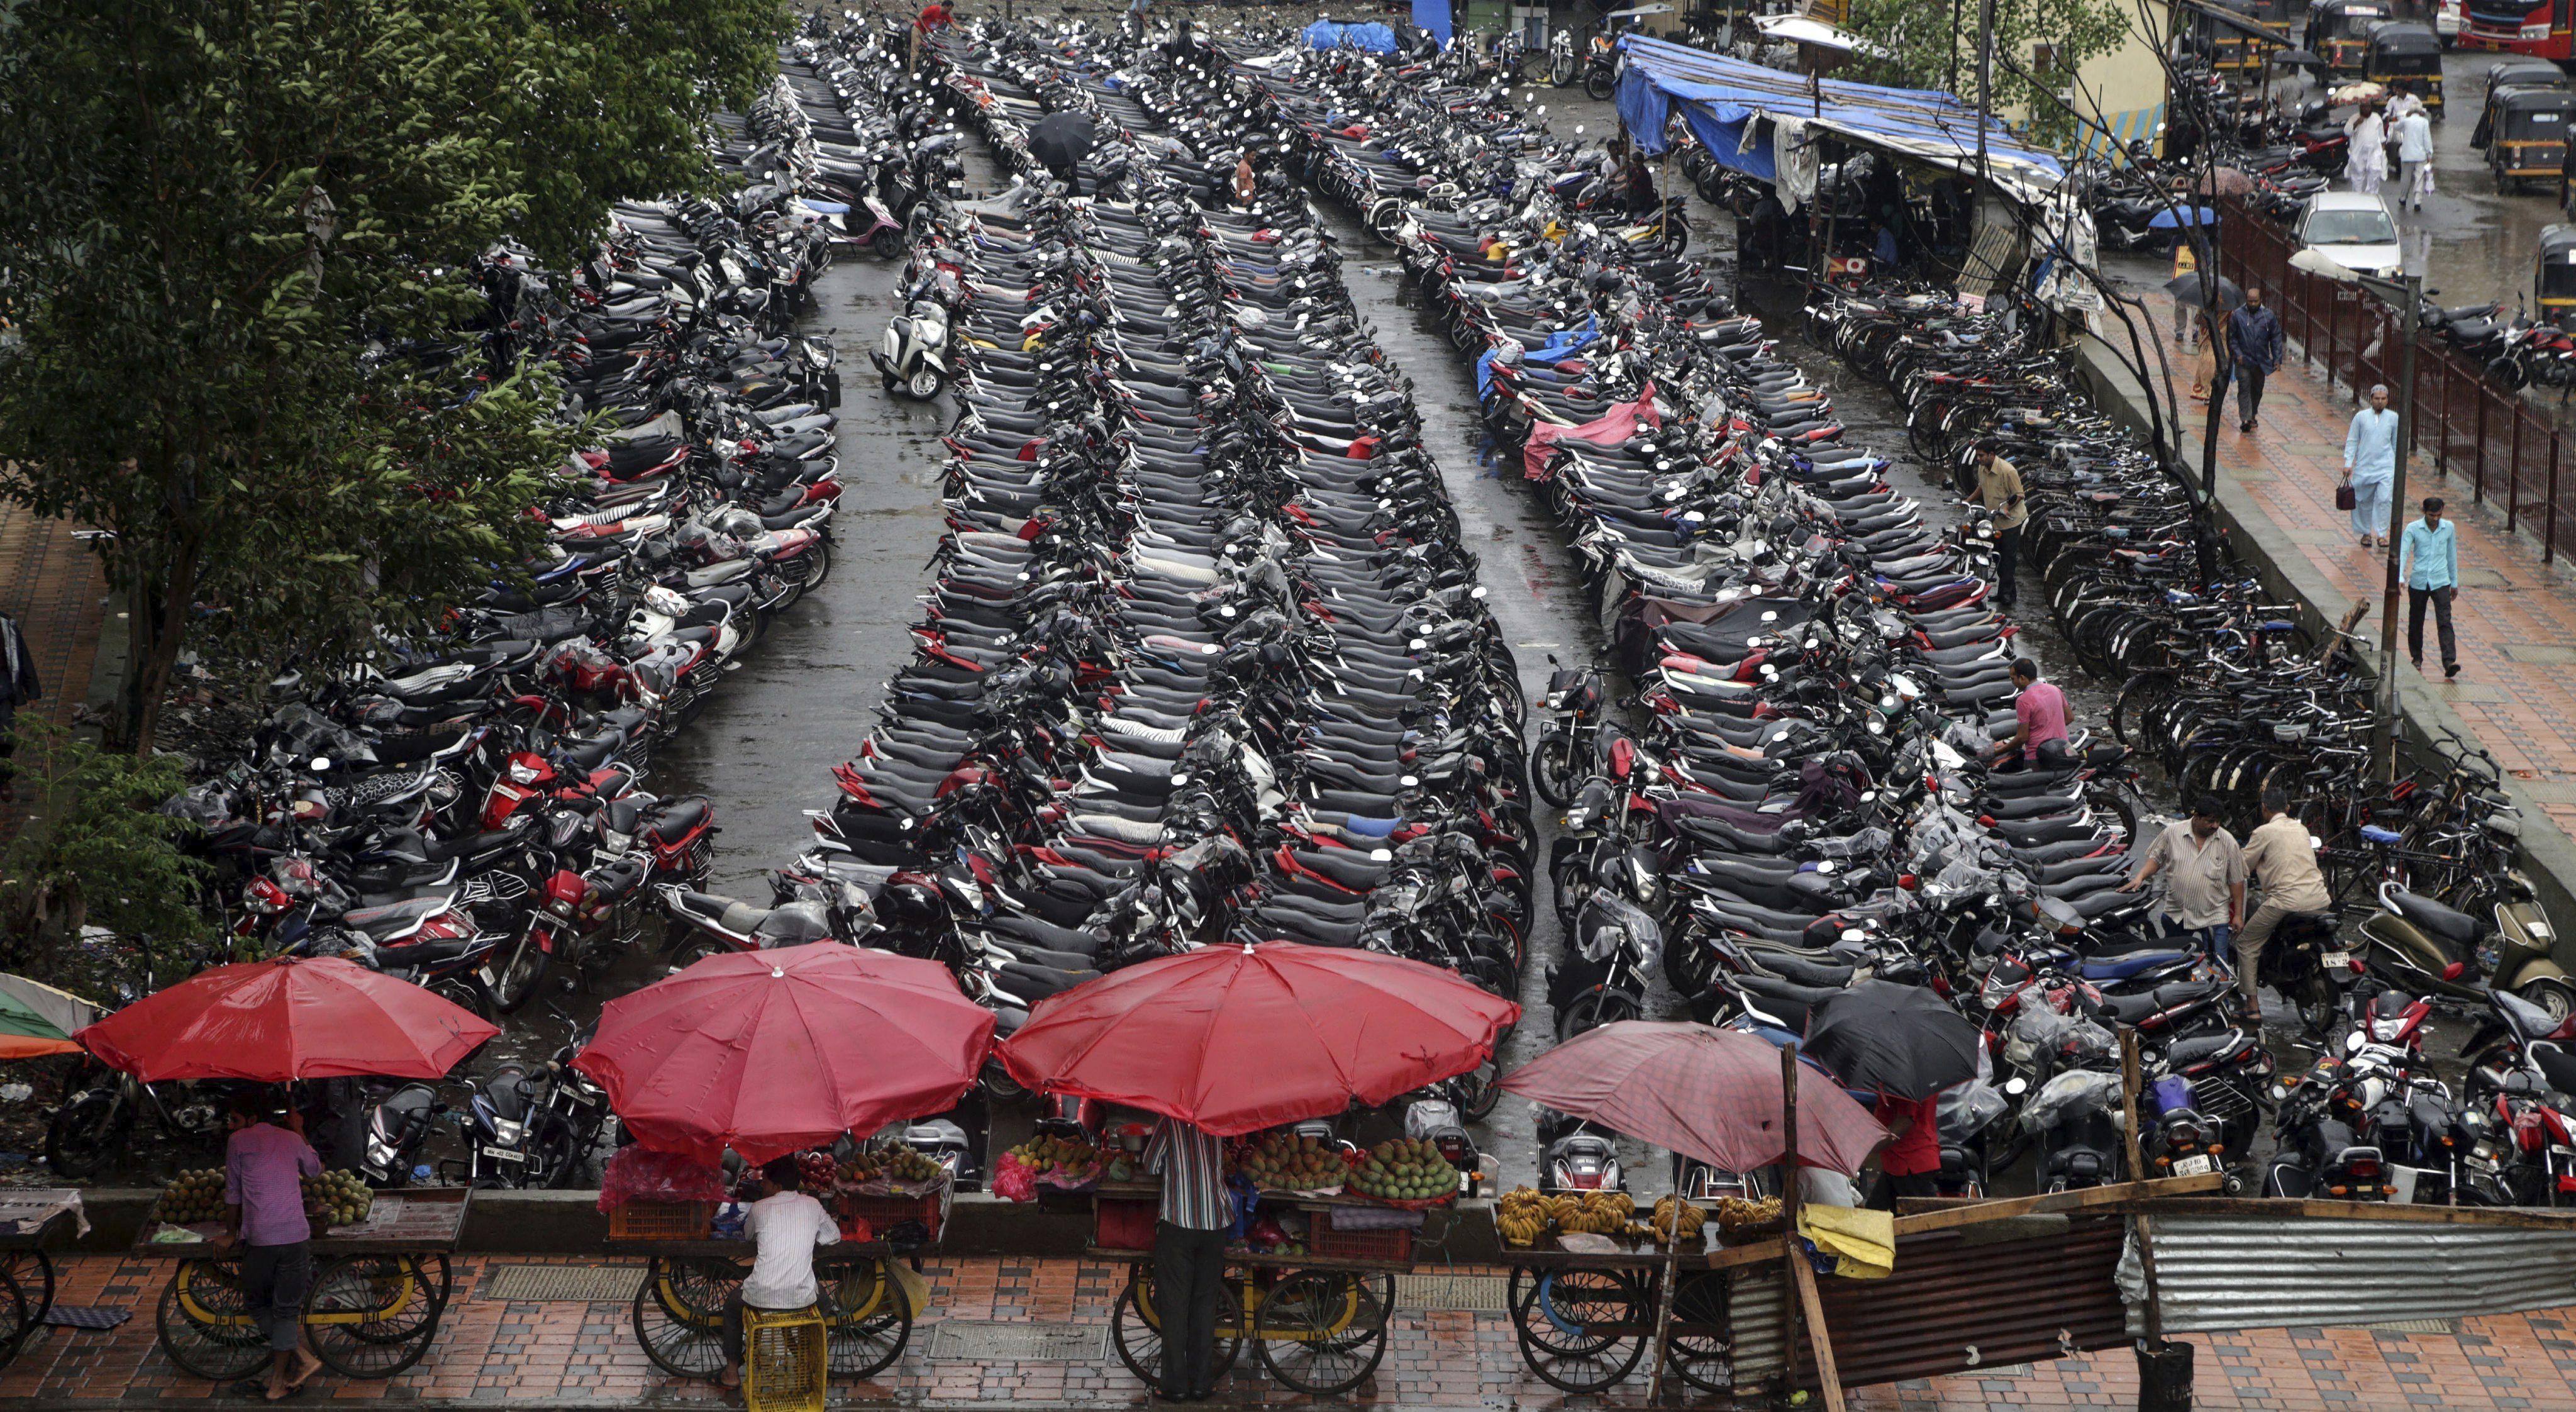 BOM02 BOMBAY (INDIA), 11/07/2016.- Un aparcamiento de motocicletas afuera de la estación de tren de Mira, cerca de Bombay, India, hoy 11 de julio de 2016. La población actual de la India en el año 2016 es de 1.211 millones de habitantes y cuenta con una media de crecimiento demográfico anual del 1,64 %. Según la Fundación India para la Población (PFI) India superará a China para el 2020. Las Naciones Unidas (ONU) celebran cada 11 de julio el Día Mundial de la Población. EFE/Divyakant Solanki